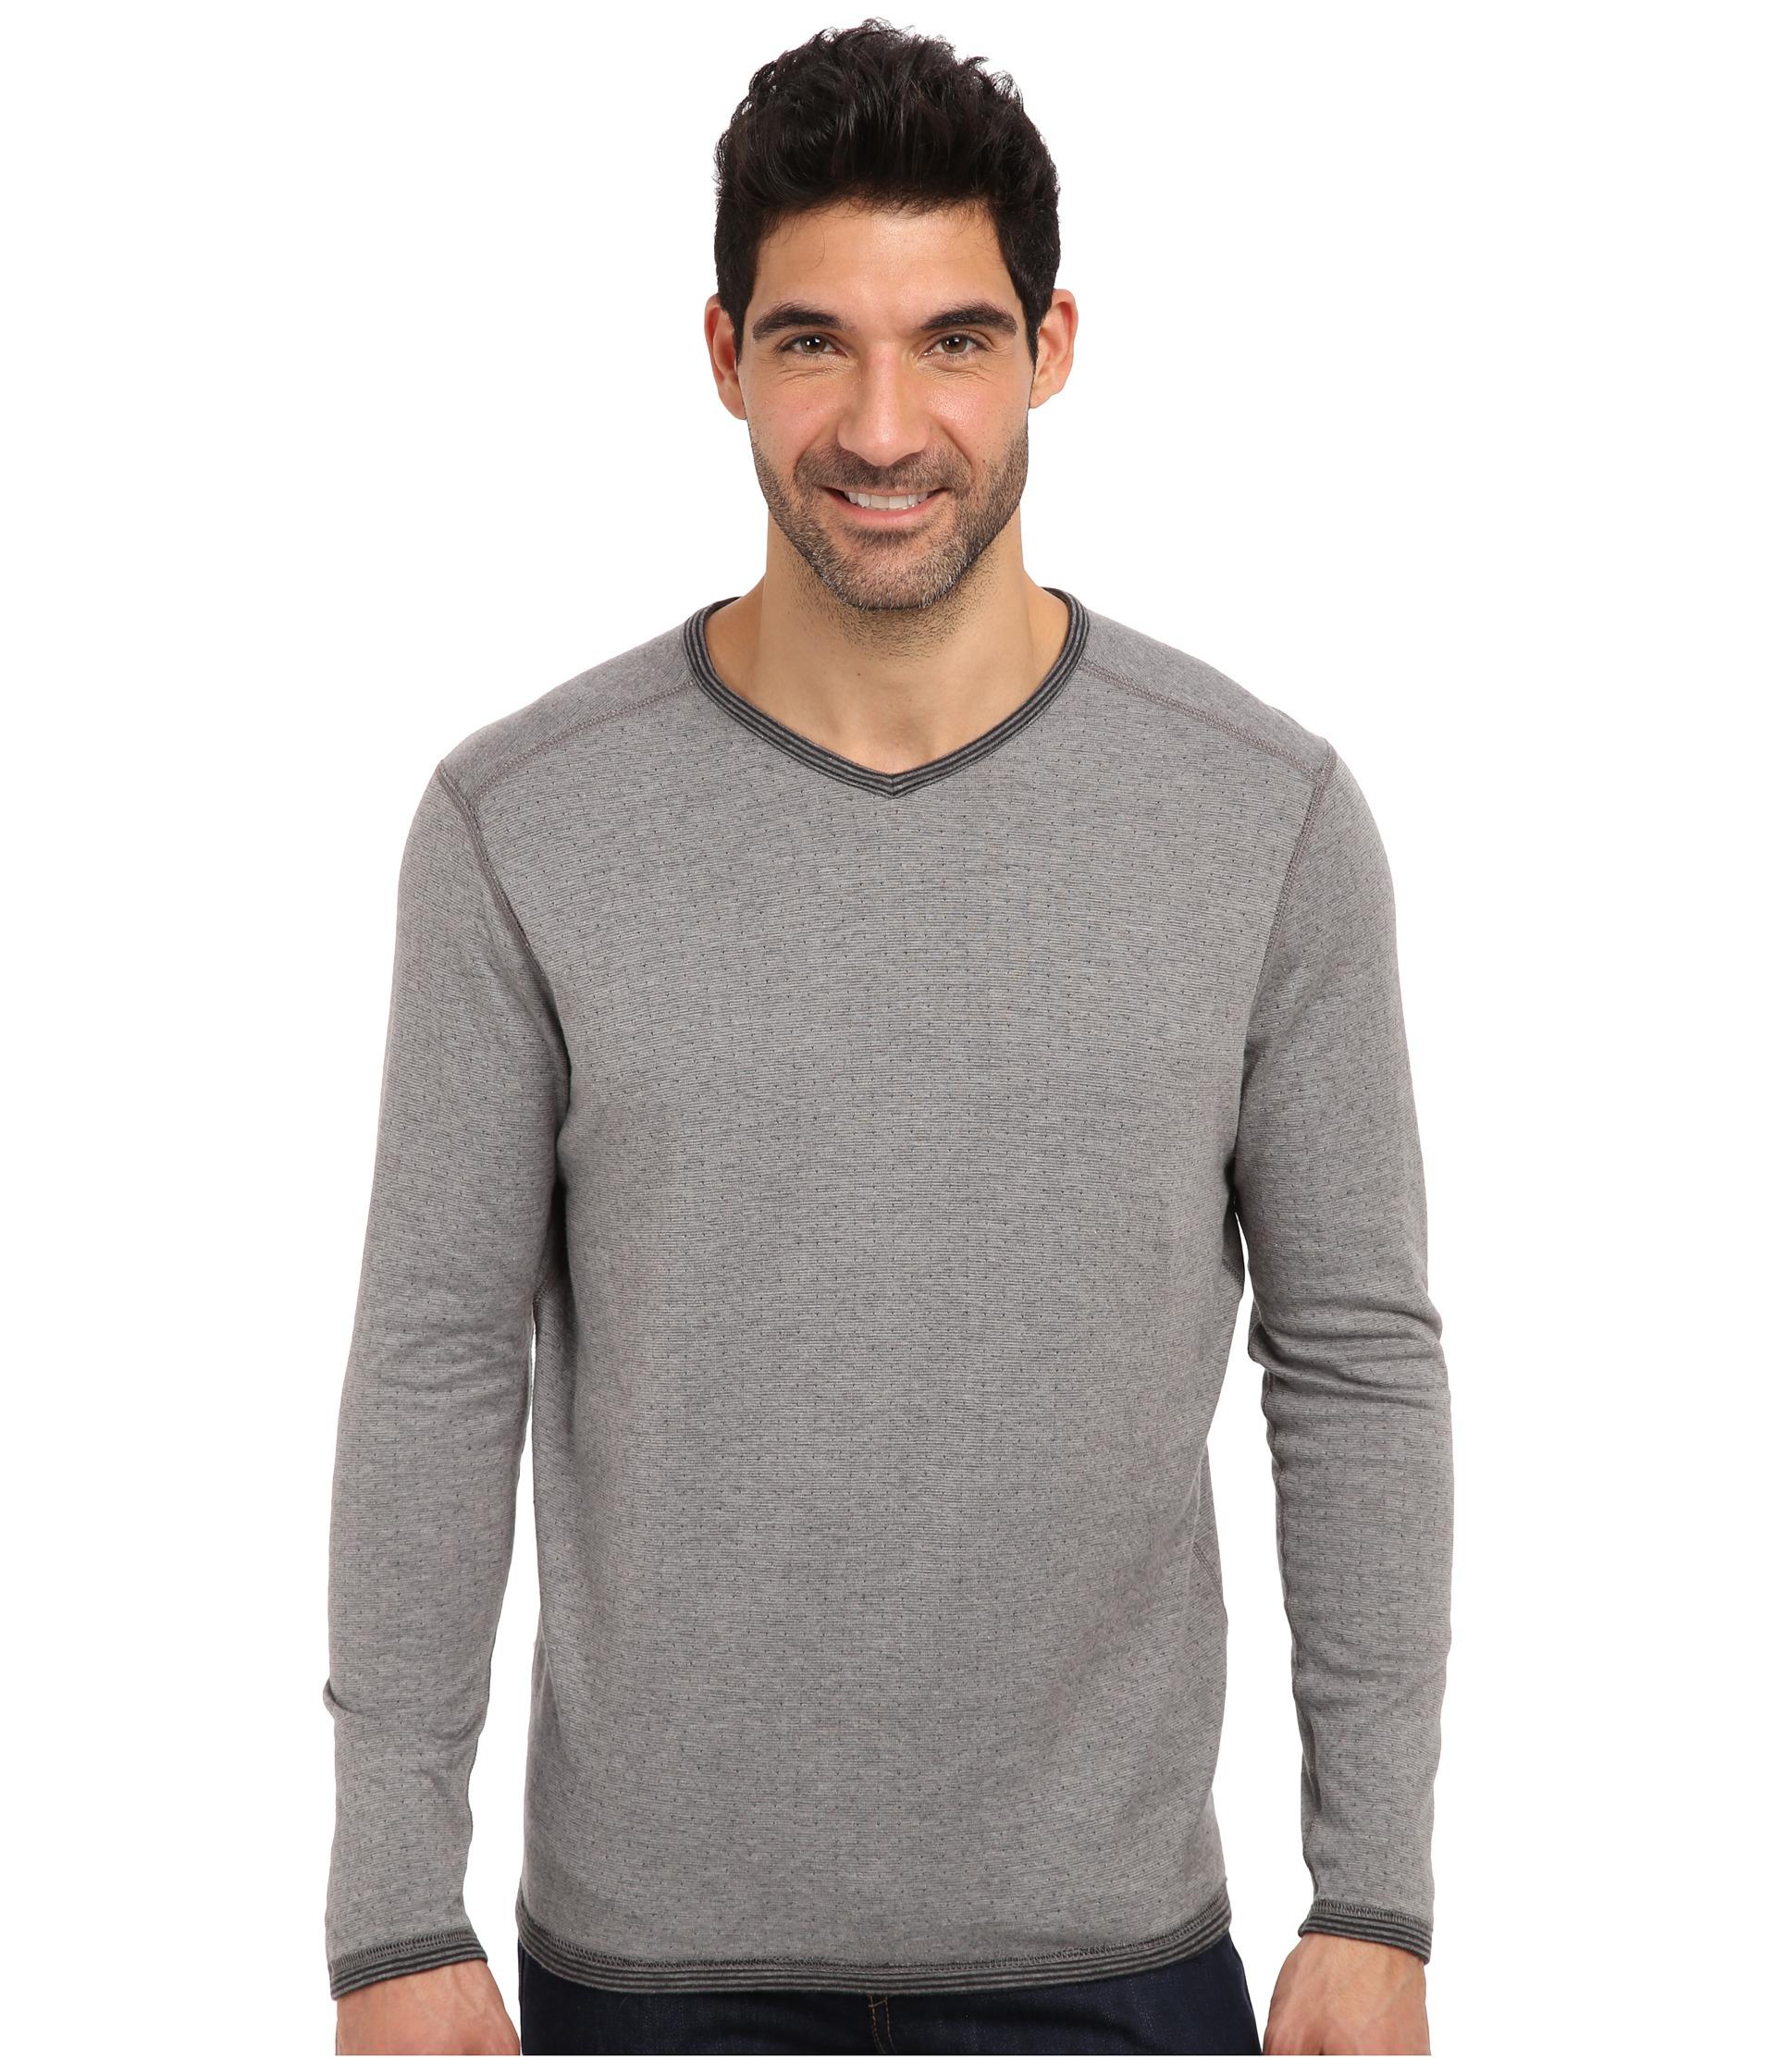 Tommy bahama conquistador strip shirt